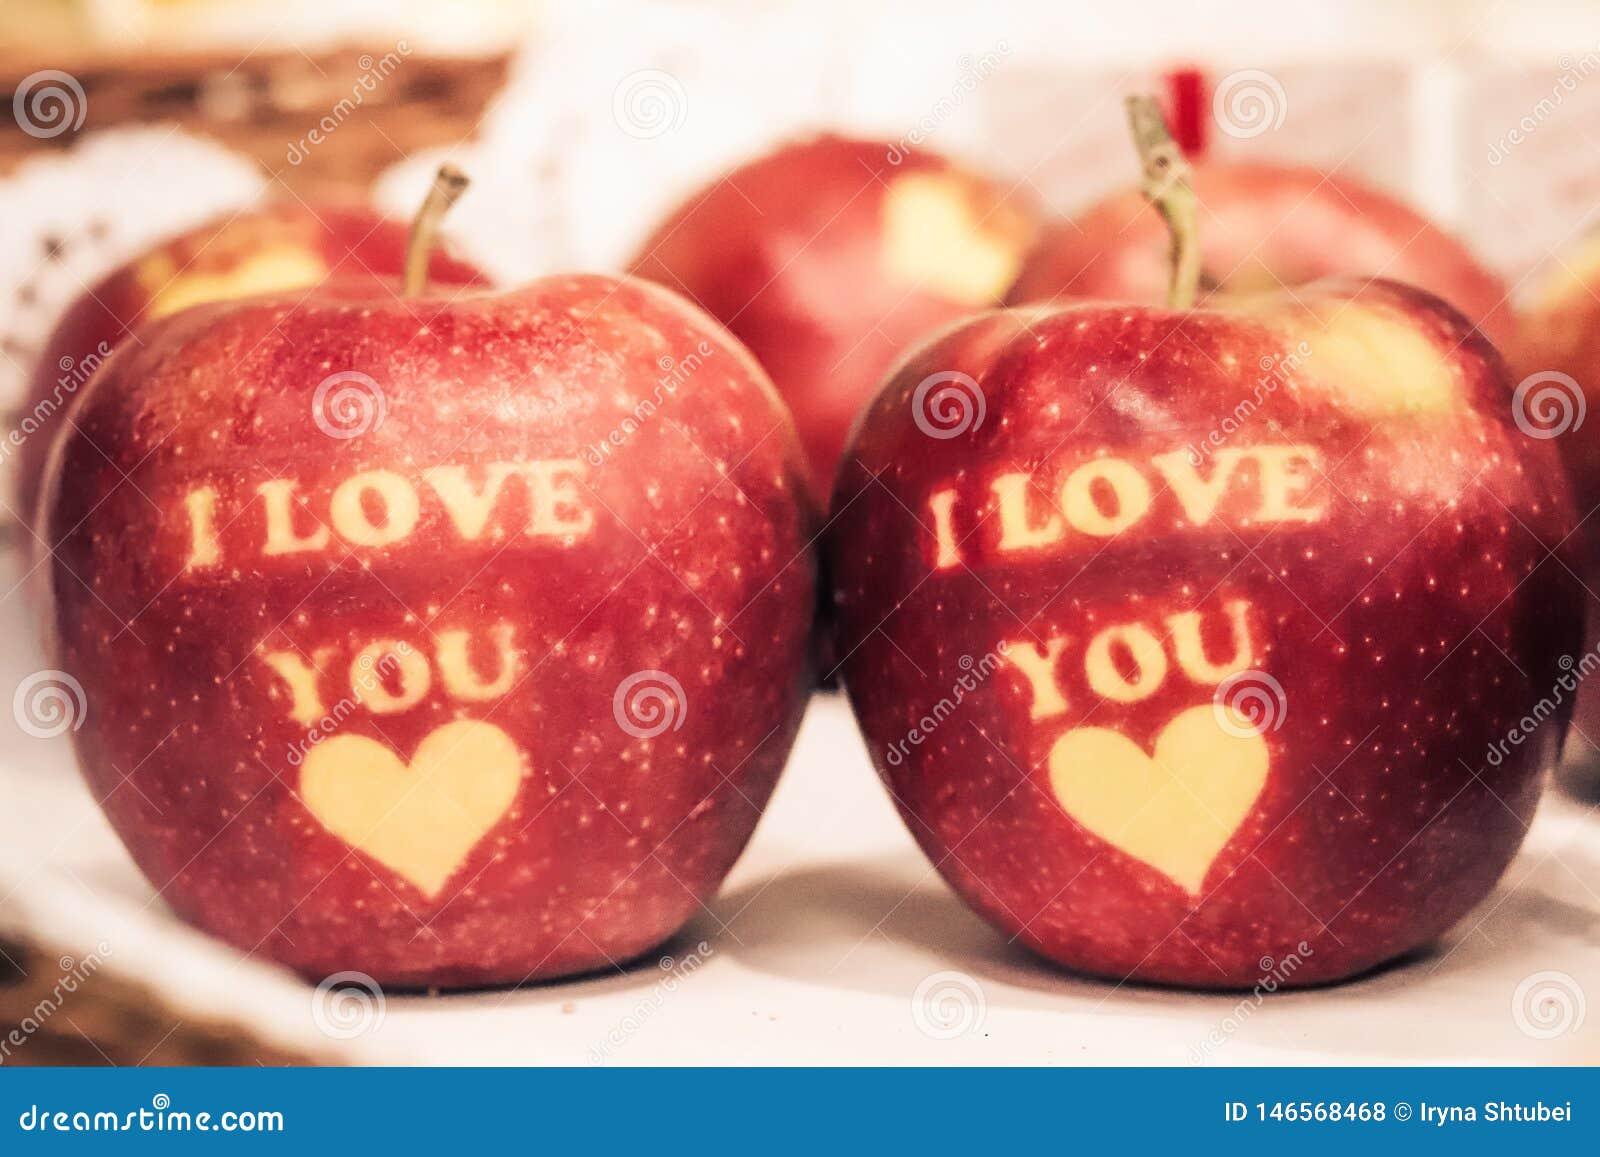 Ik houd van u geschreven op rode appelen